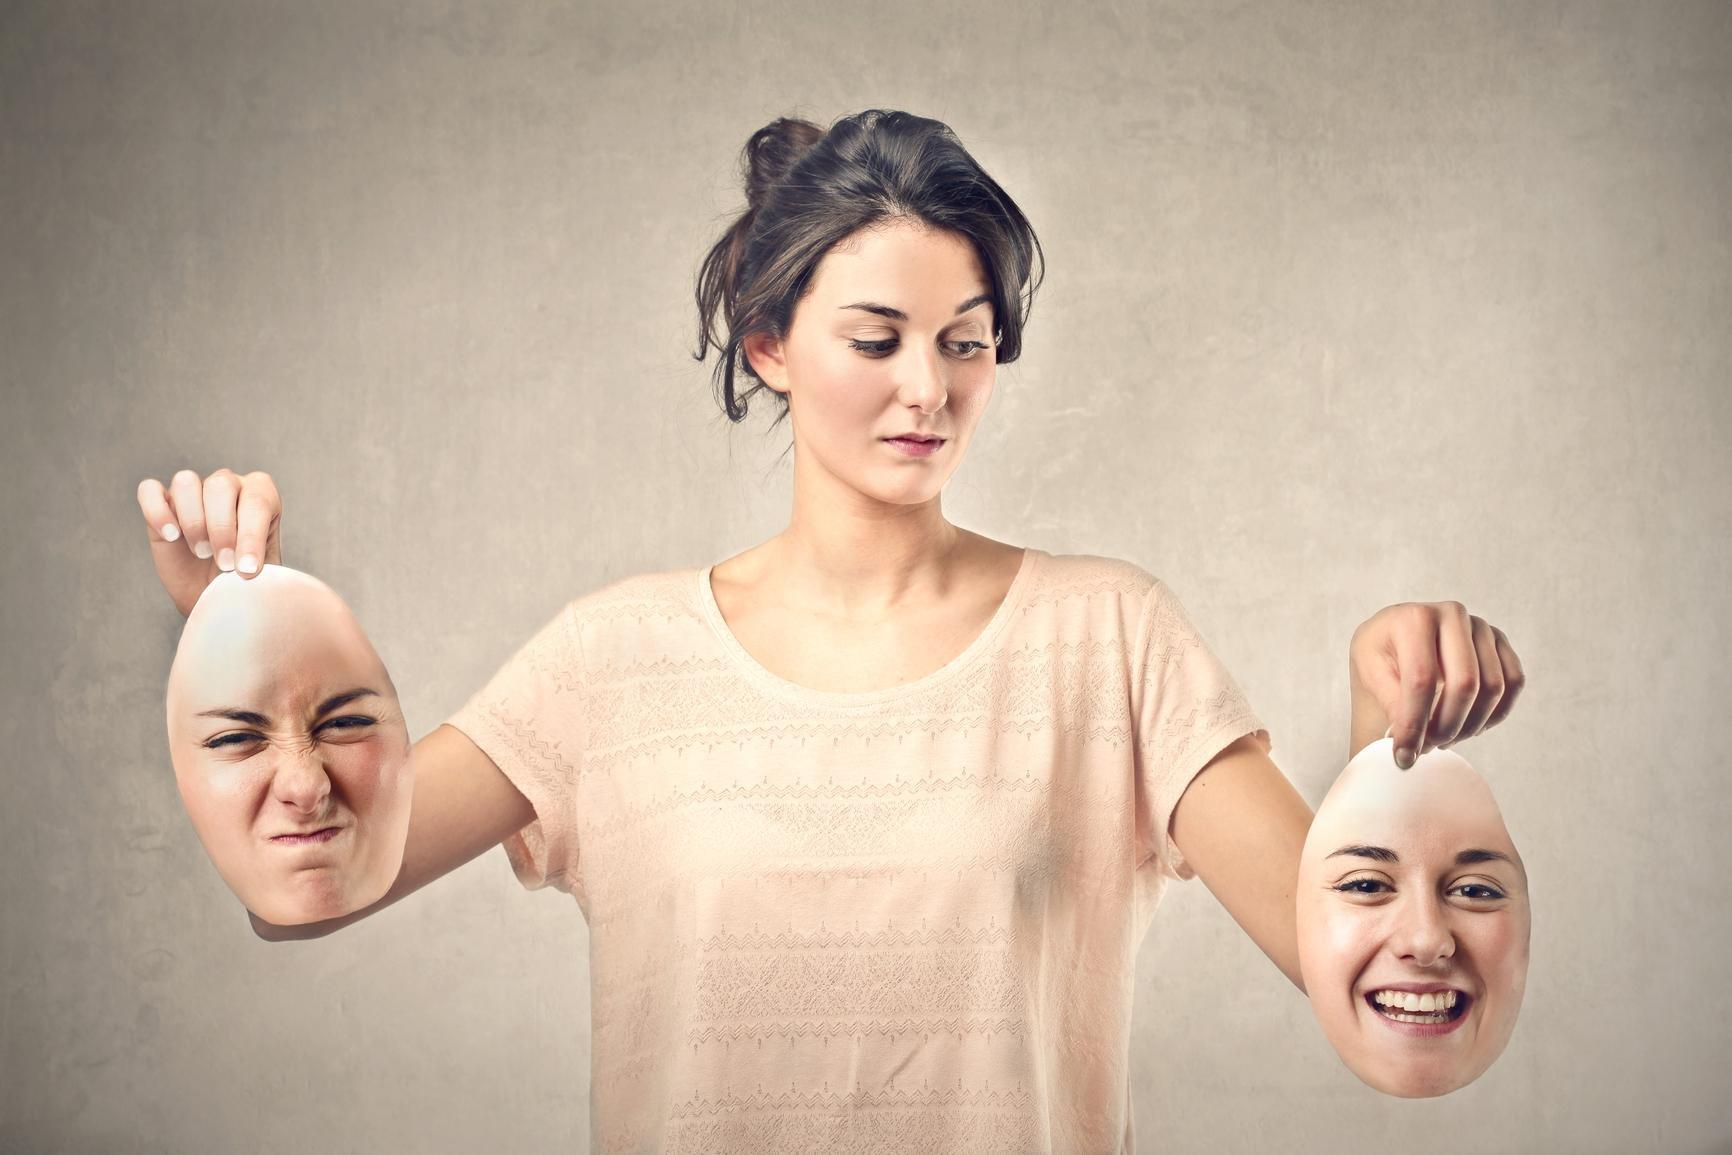 Спонтанность - черта характера в поведении, в отношениях